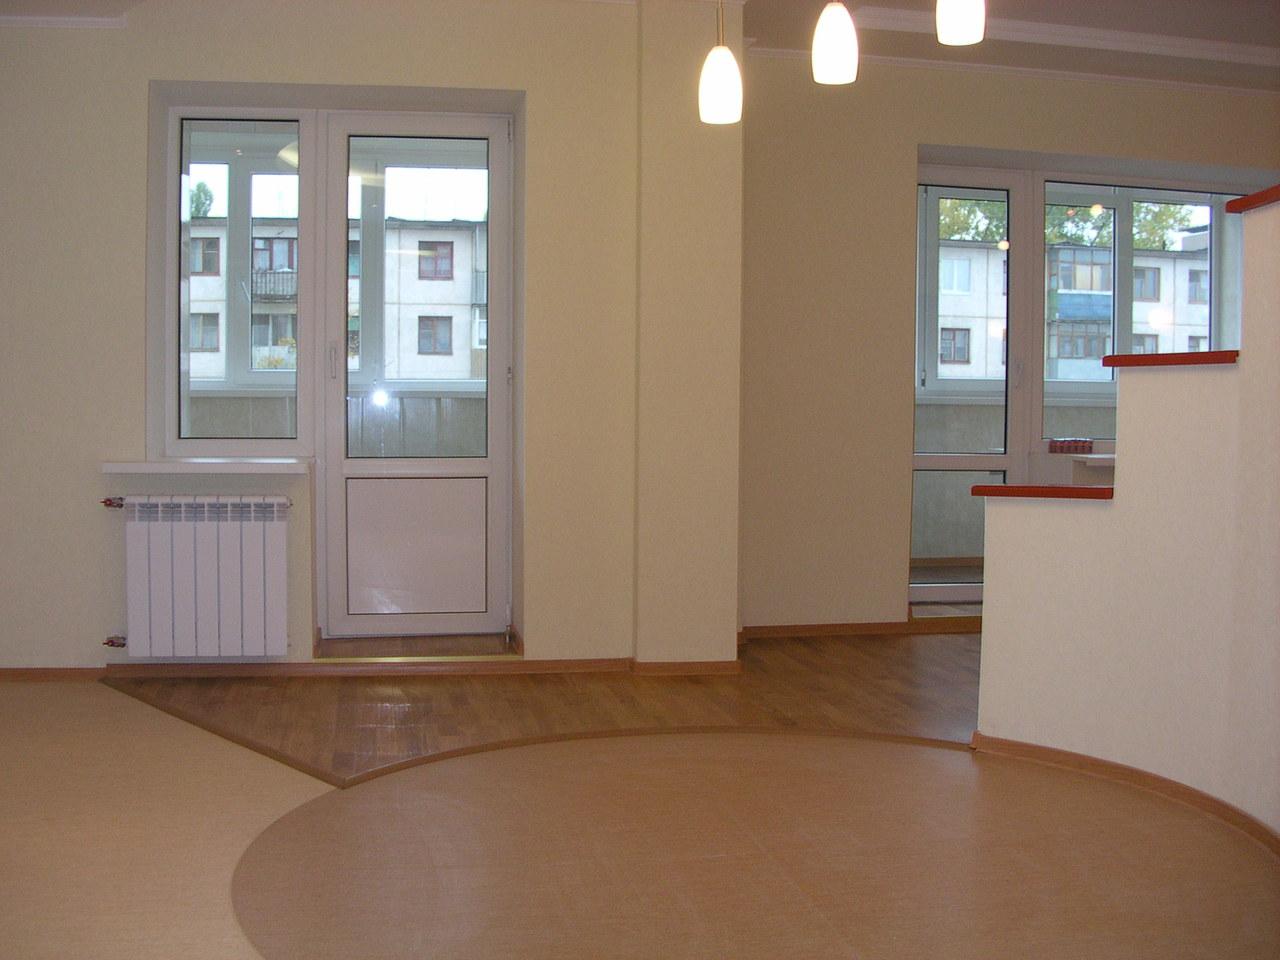 Строительство фундамента,домов,ремонт квартир, Москва